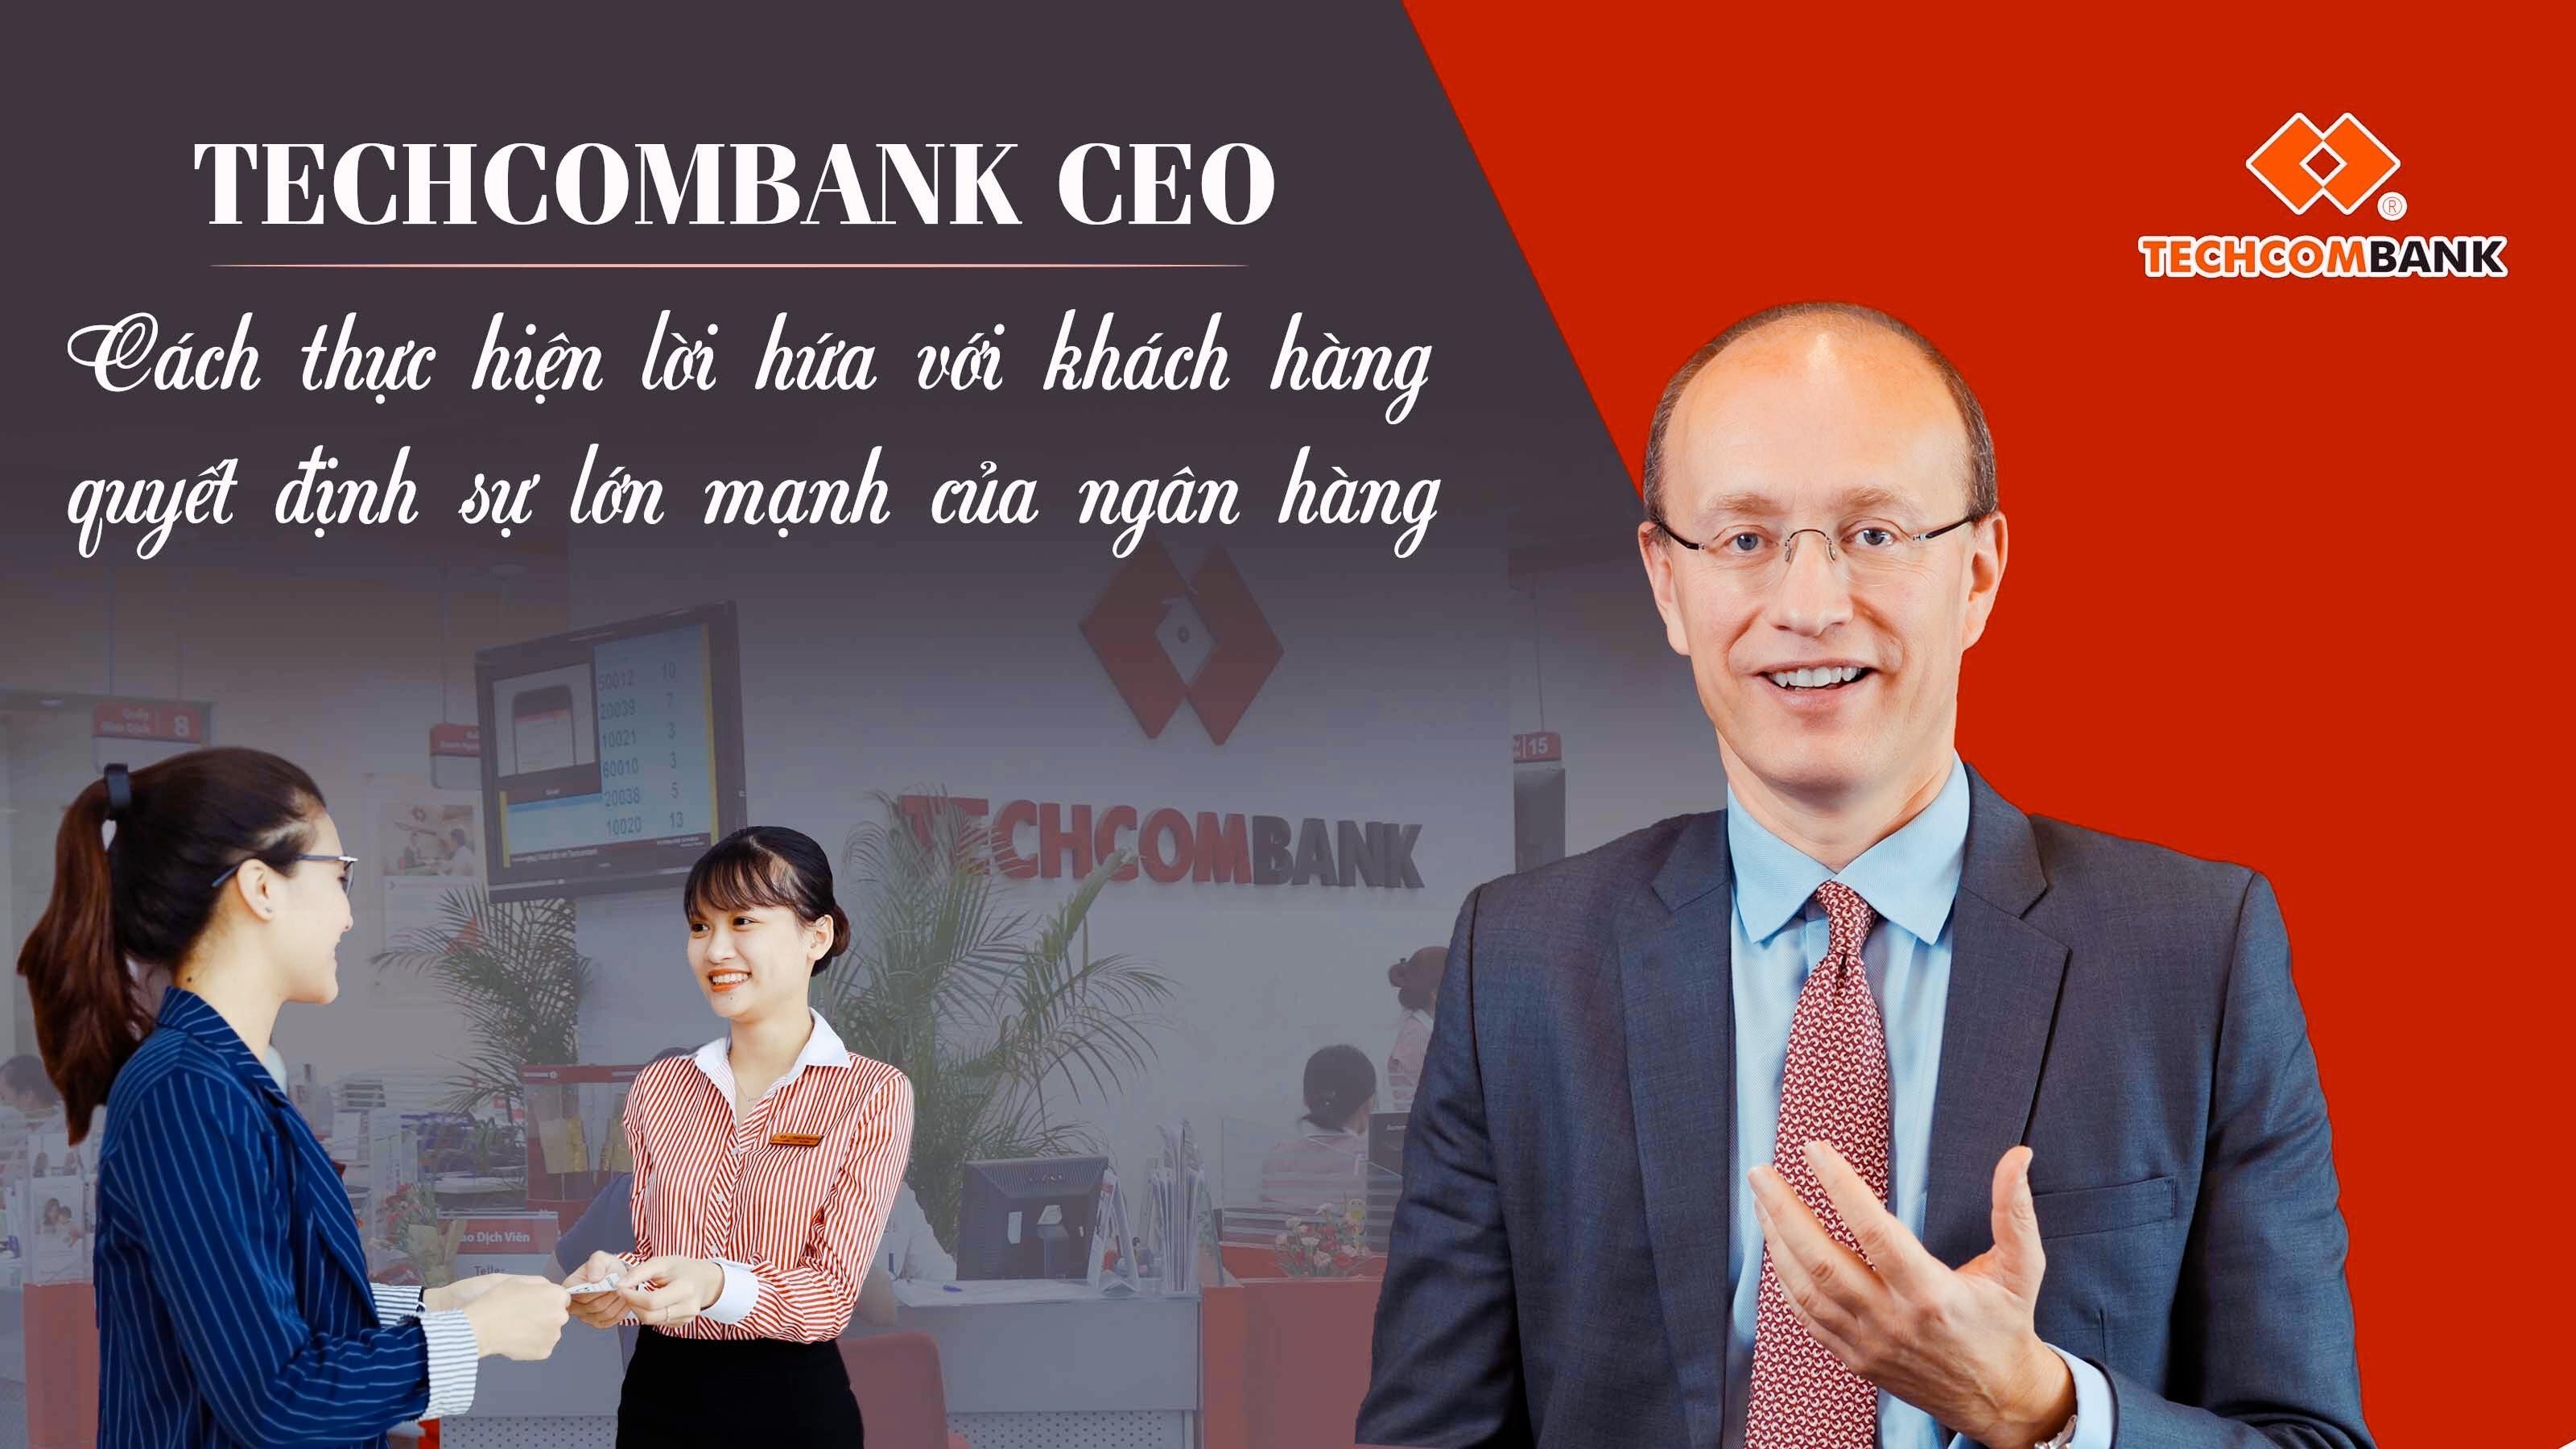 Techcombank CEO: Cách thực hiện lời hứa với khách hàng quyết định sự lớn mạnh của ngân hàng